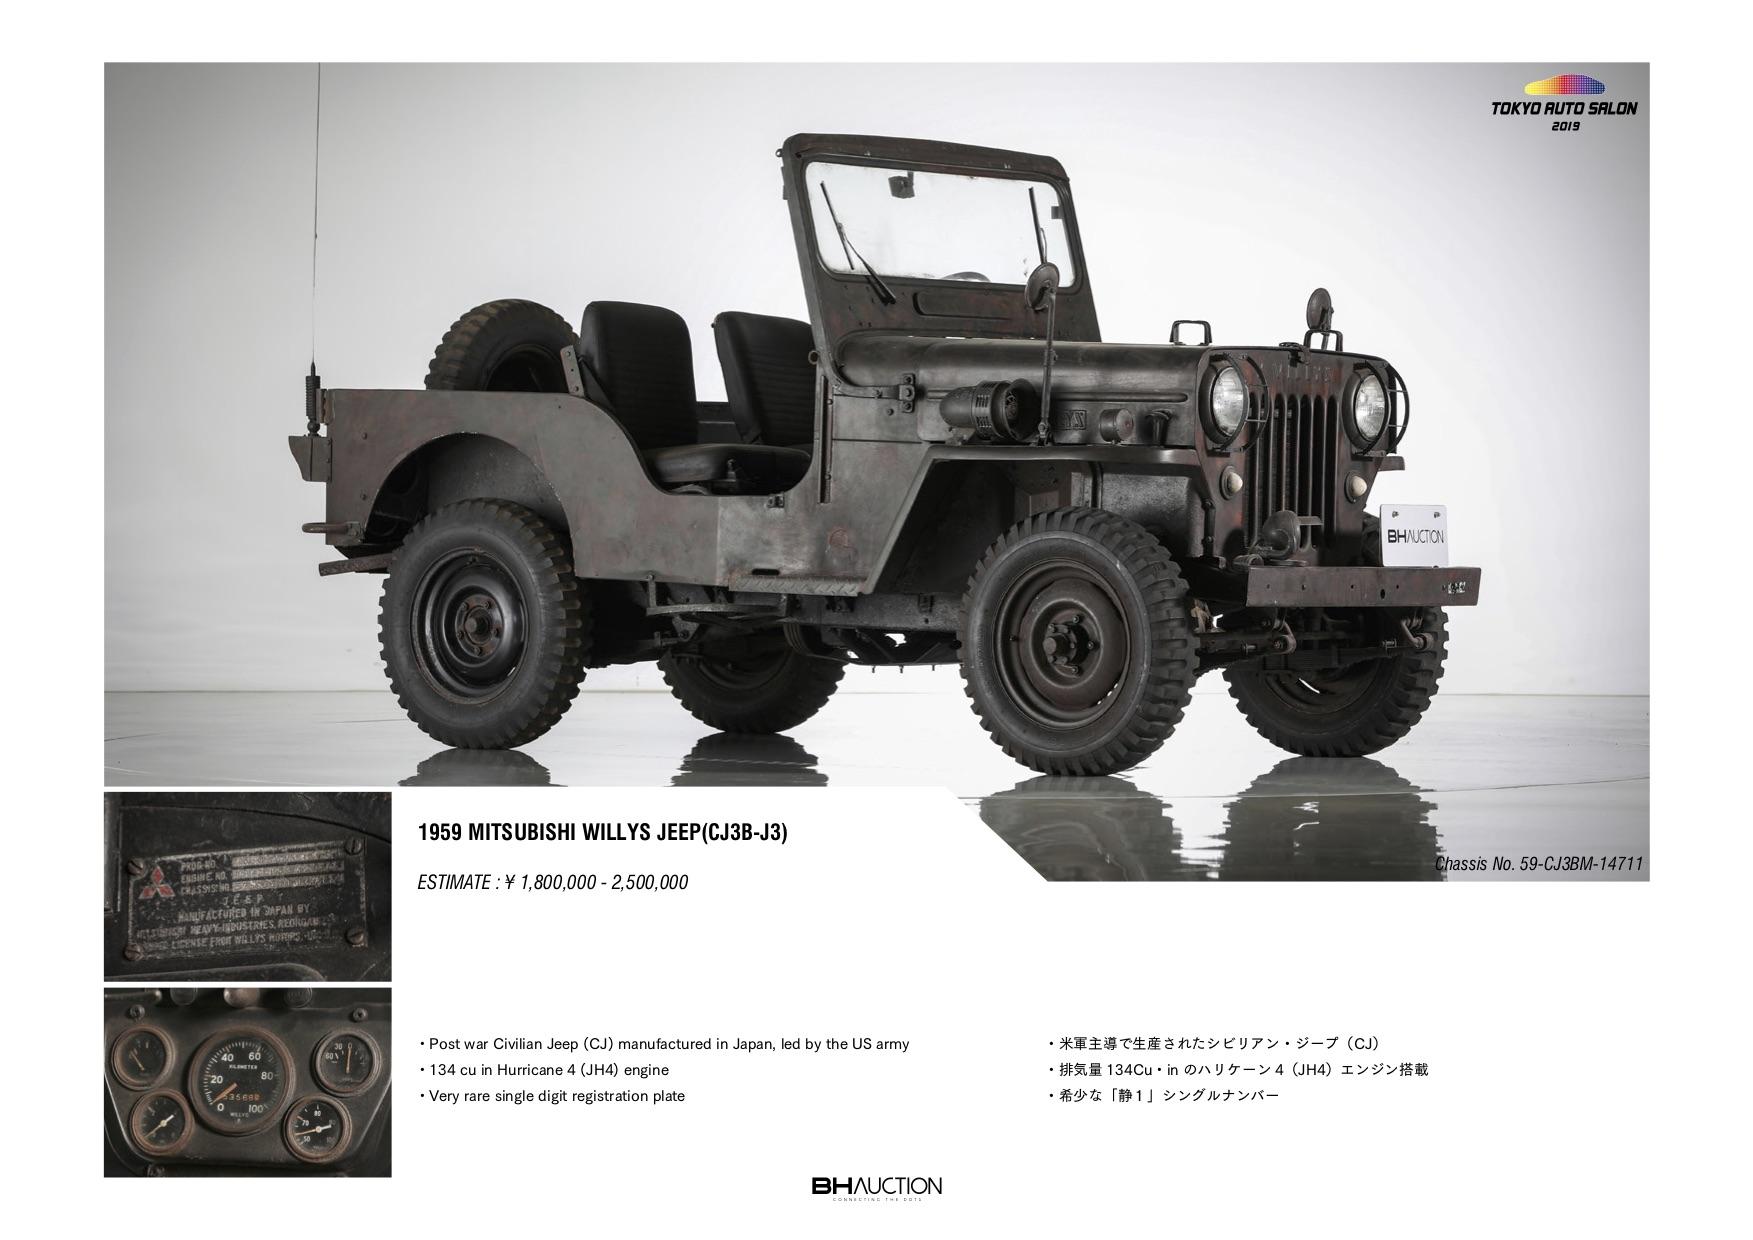 1959 Mitsubishi Jeep CJ